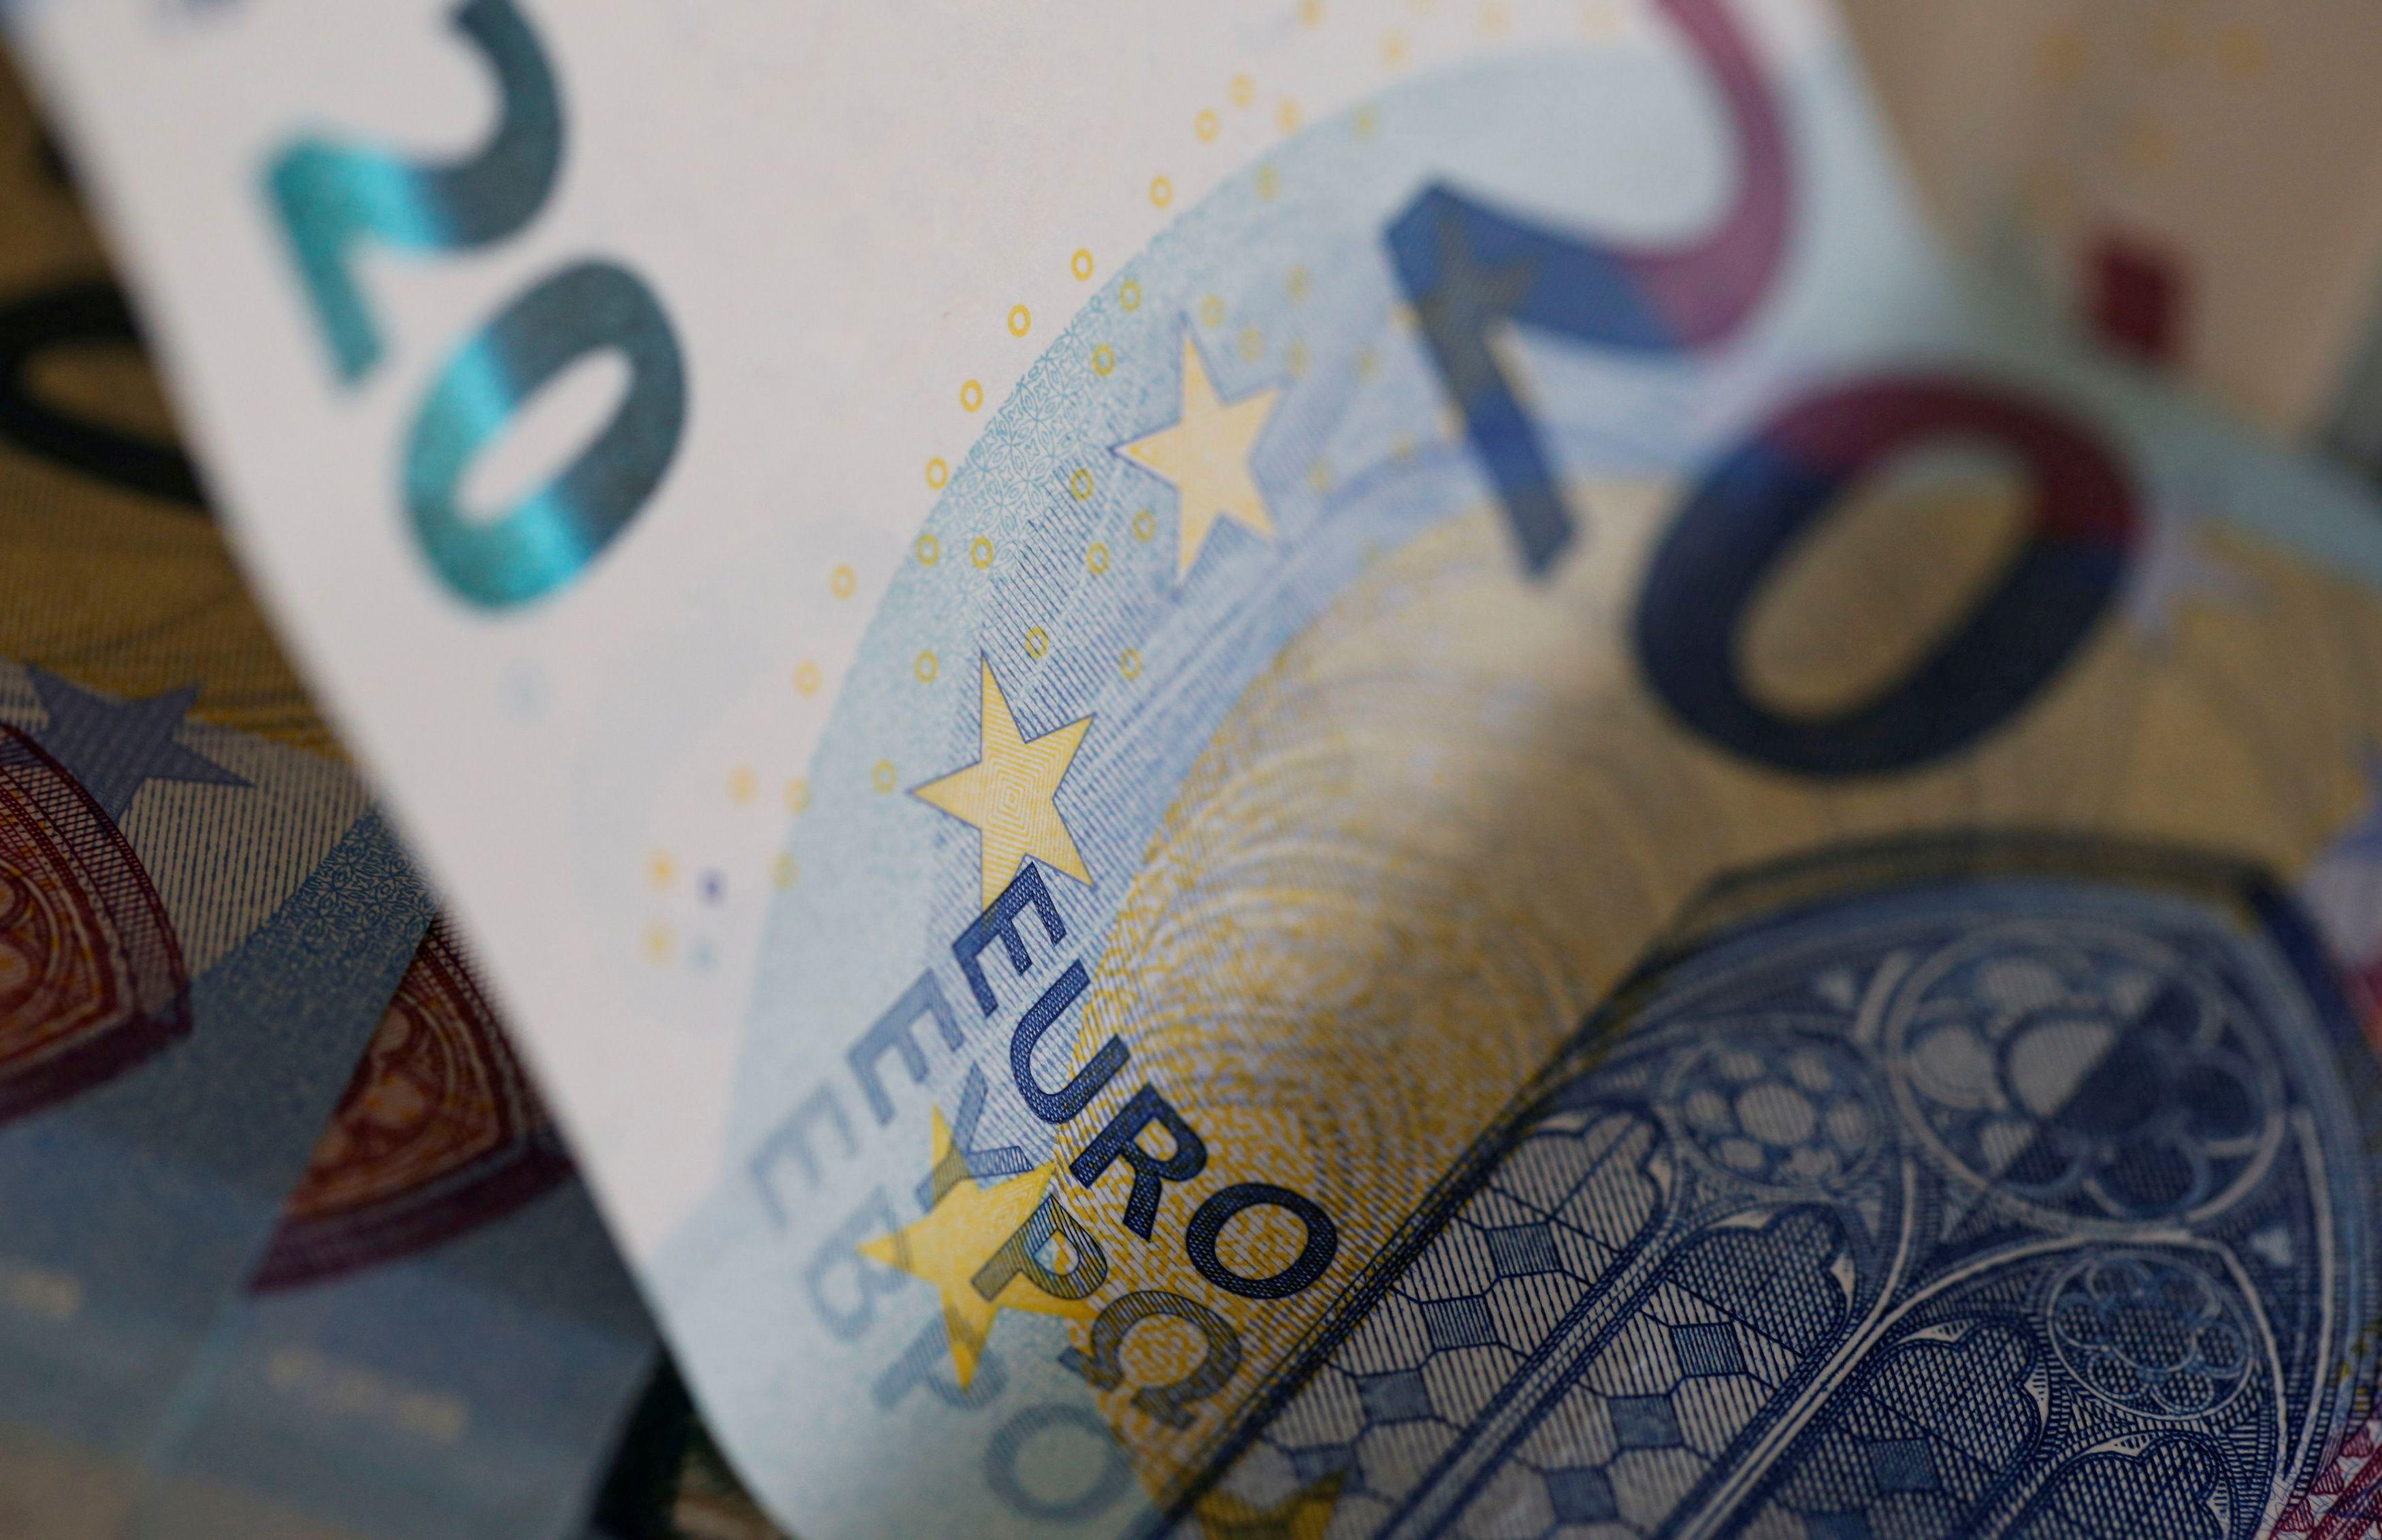 Attention débat inflammable : les 5 points à prendre en compte pour se forger un avis sur ce que provoquerait réellement une sortie de la zone euro